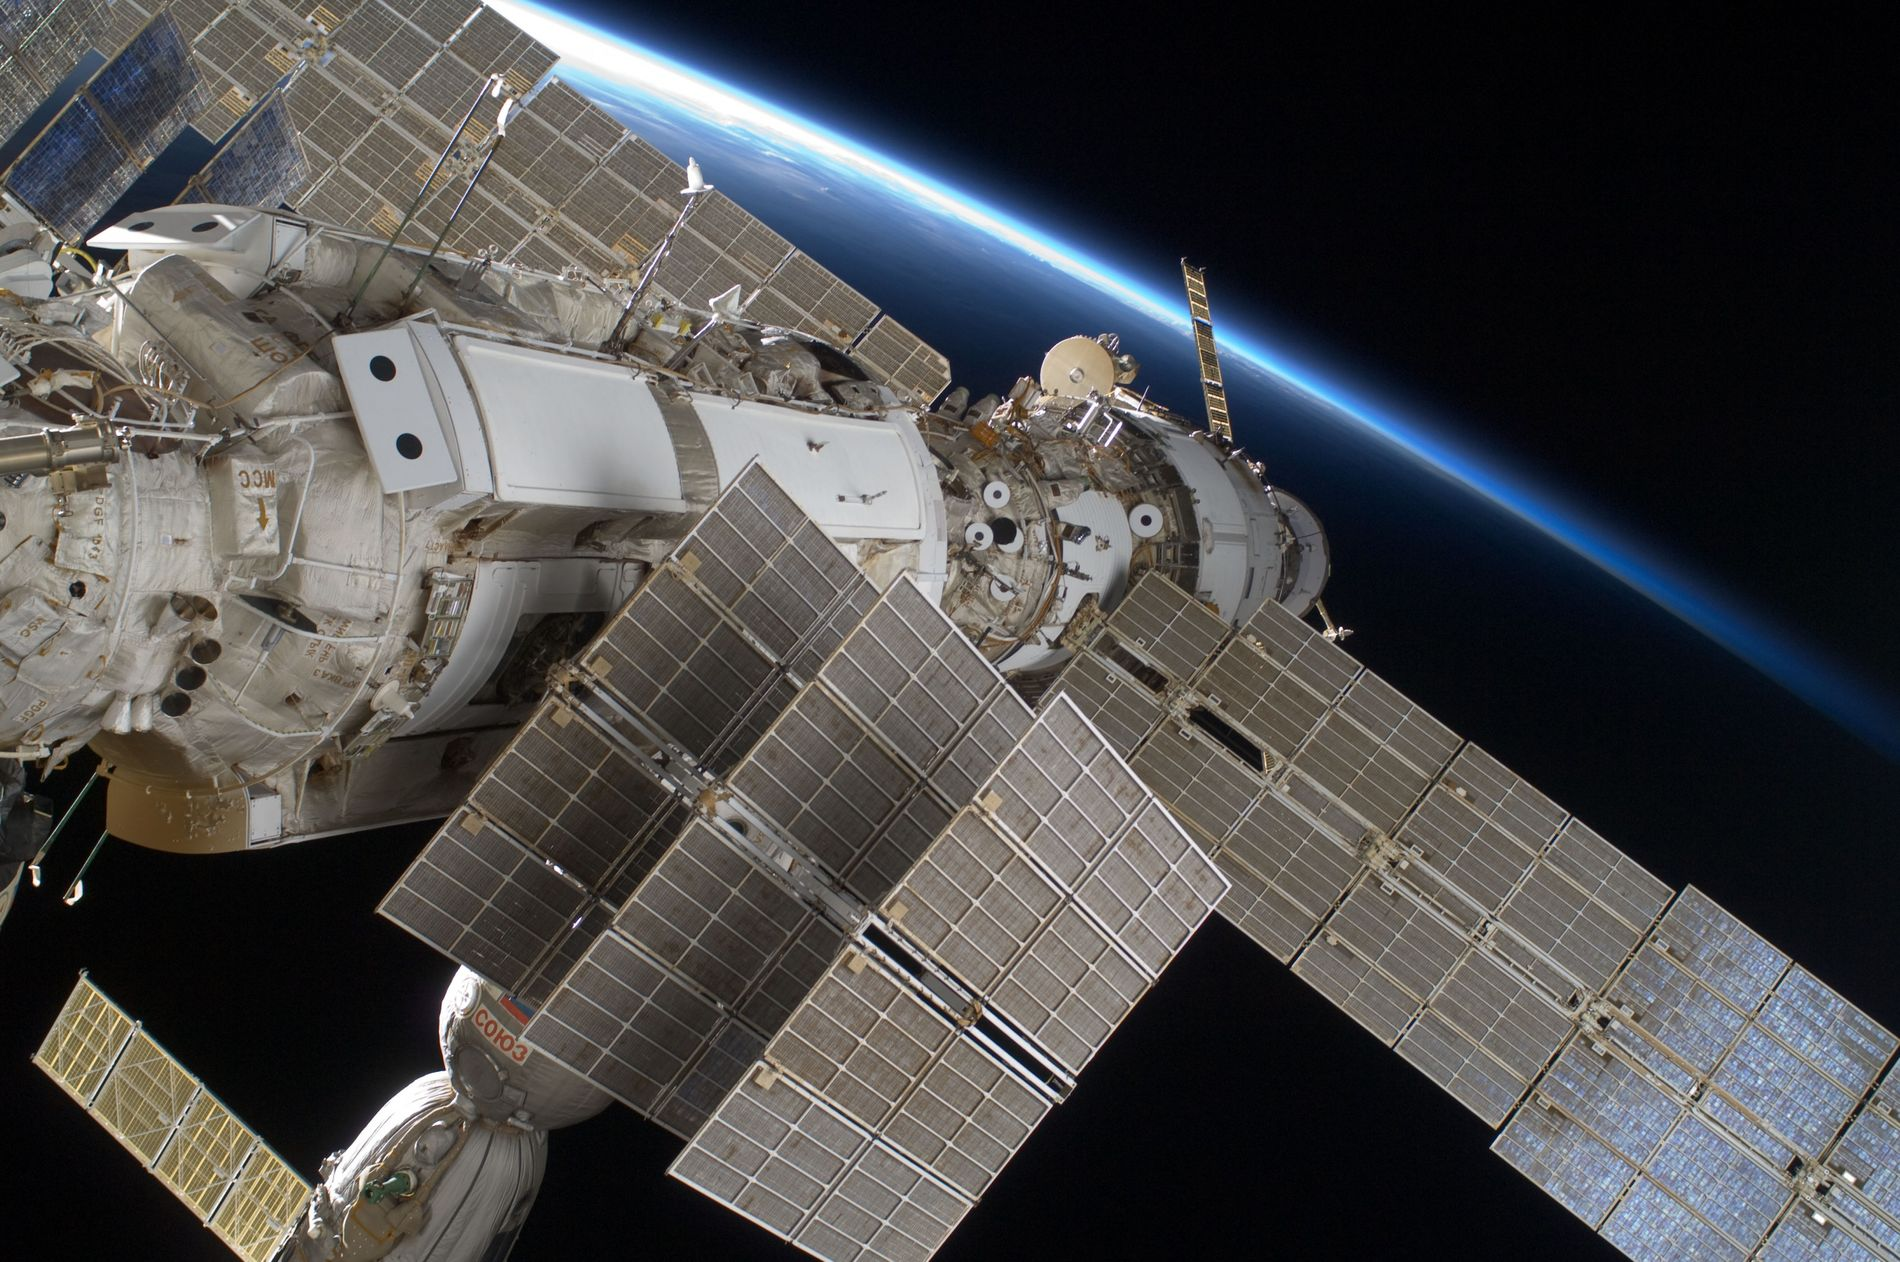 La Station spatiale internationale à 400 km au-dessus de la Terre.